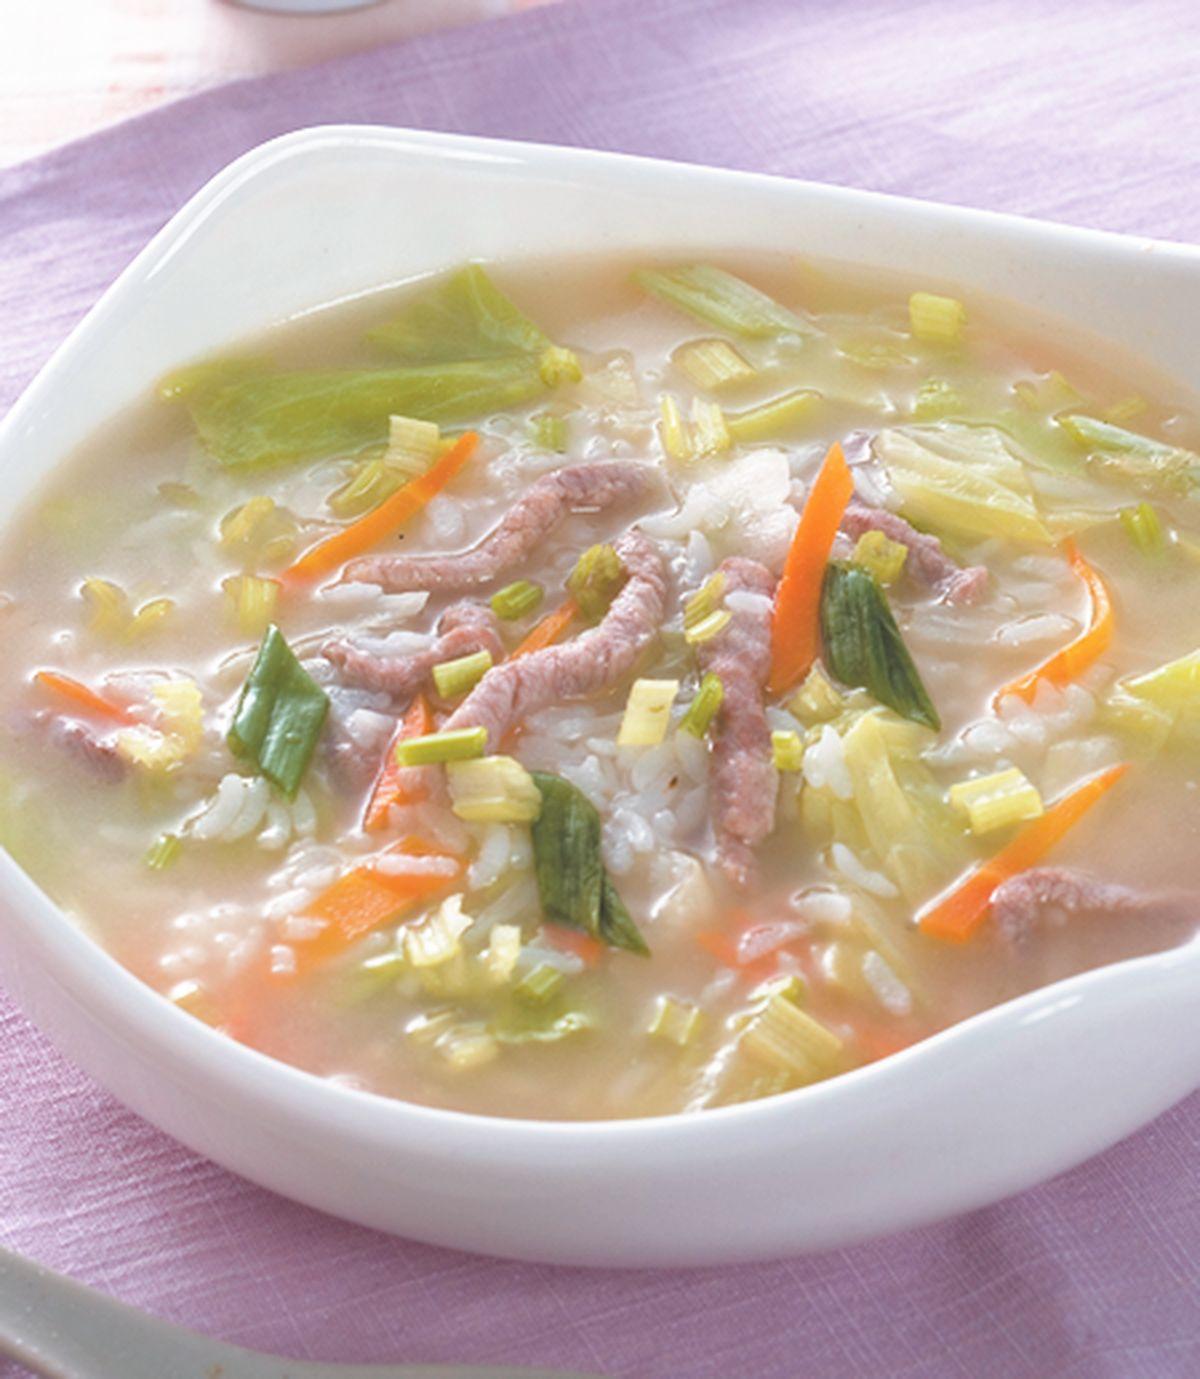 食譜:蔬菜鹹粥